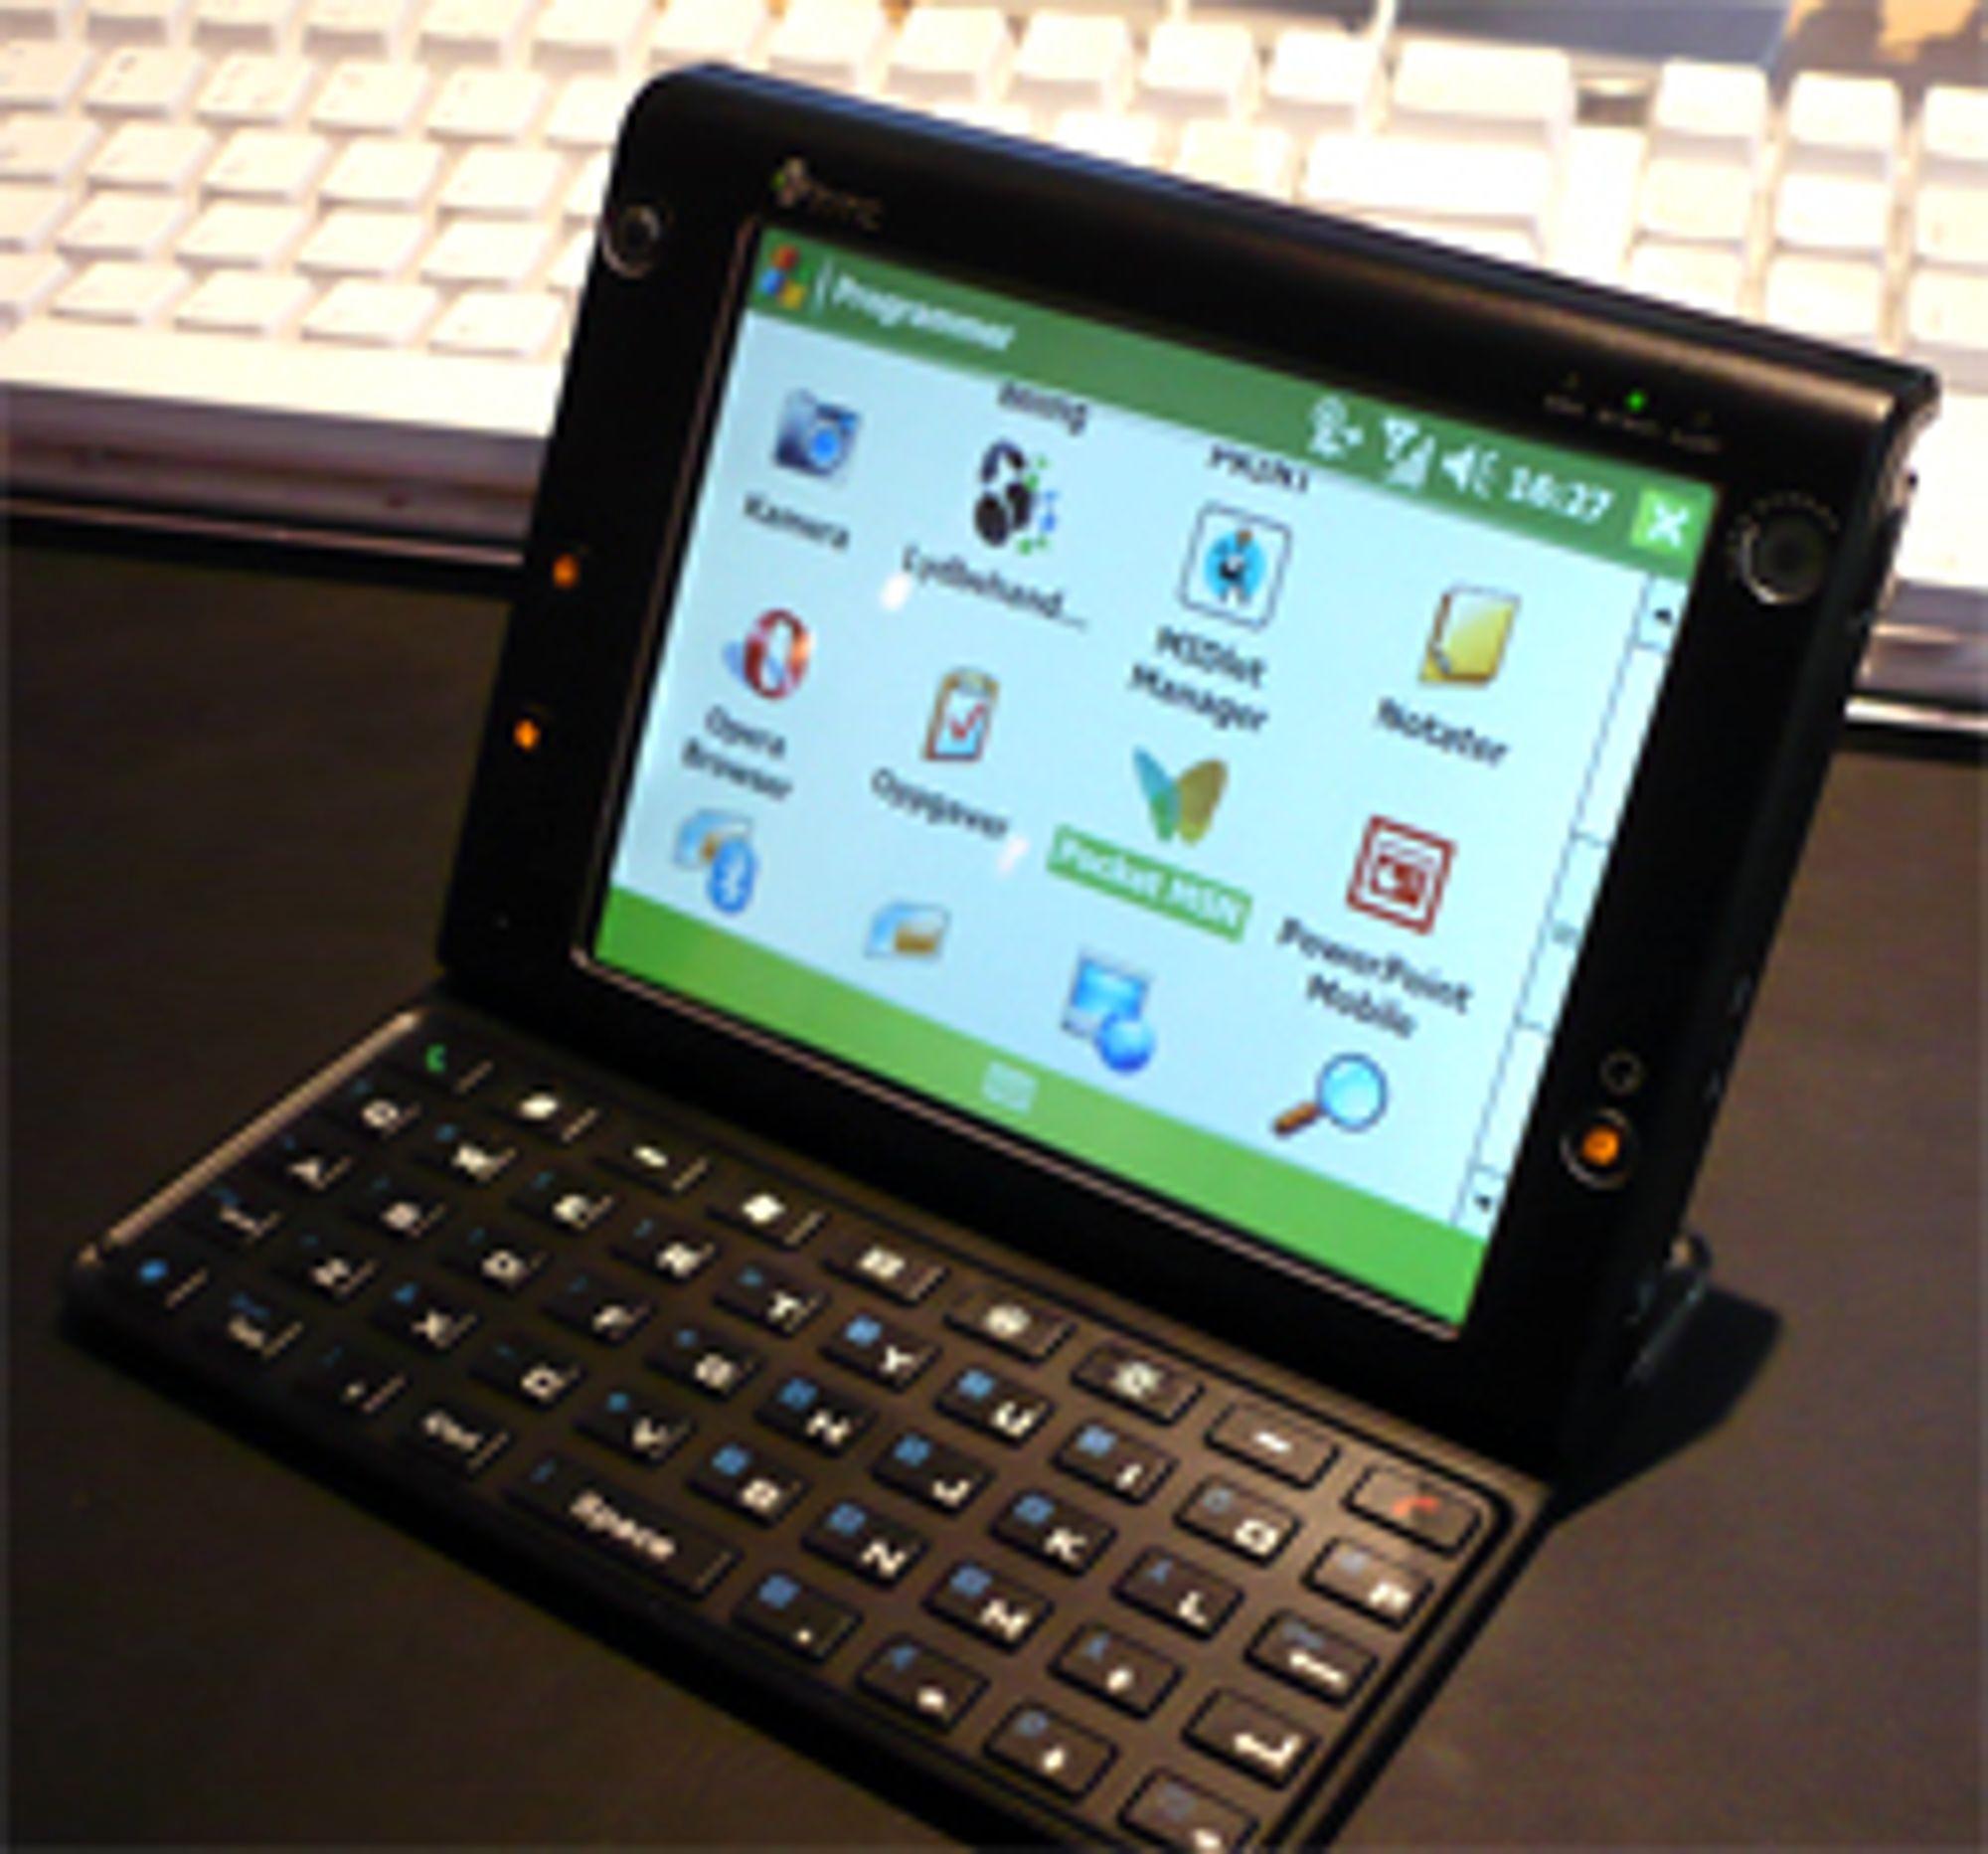 Denne mobilen ligger krysser nesten grensen mellom mobil og PC. HTC X7500 kan for eksempel kobles til en PC-skjerm. (Foto: Einar Eriksen)